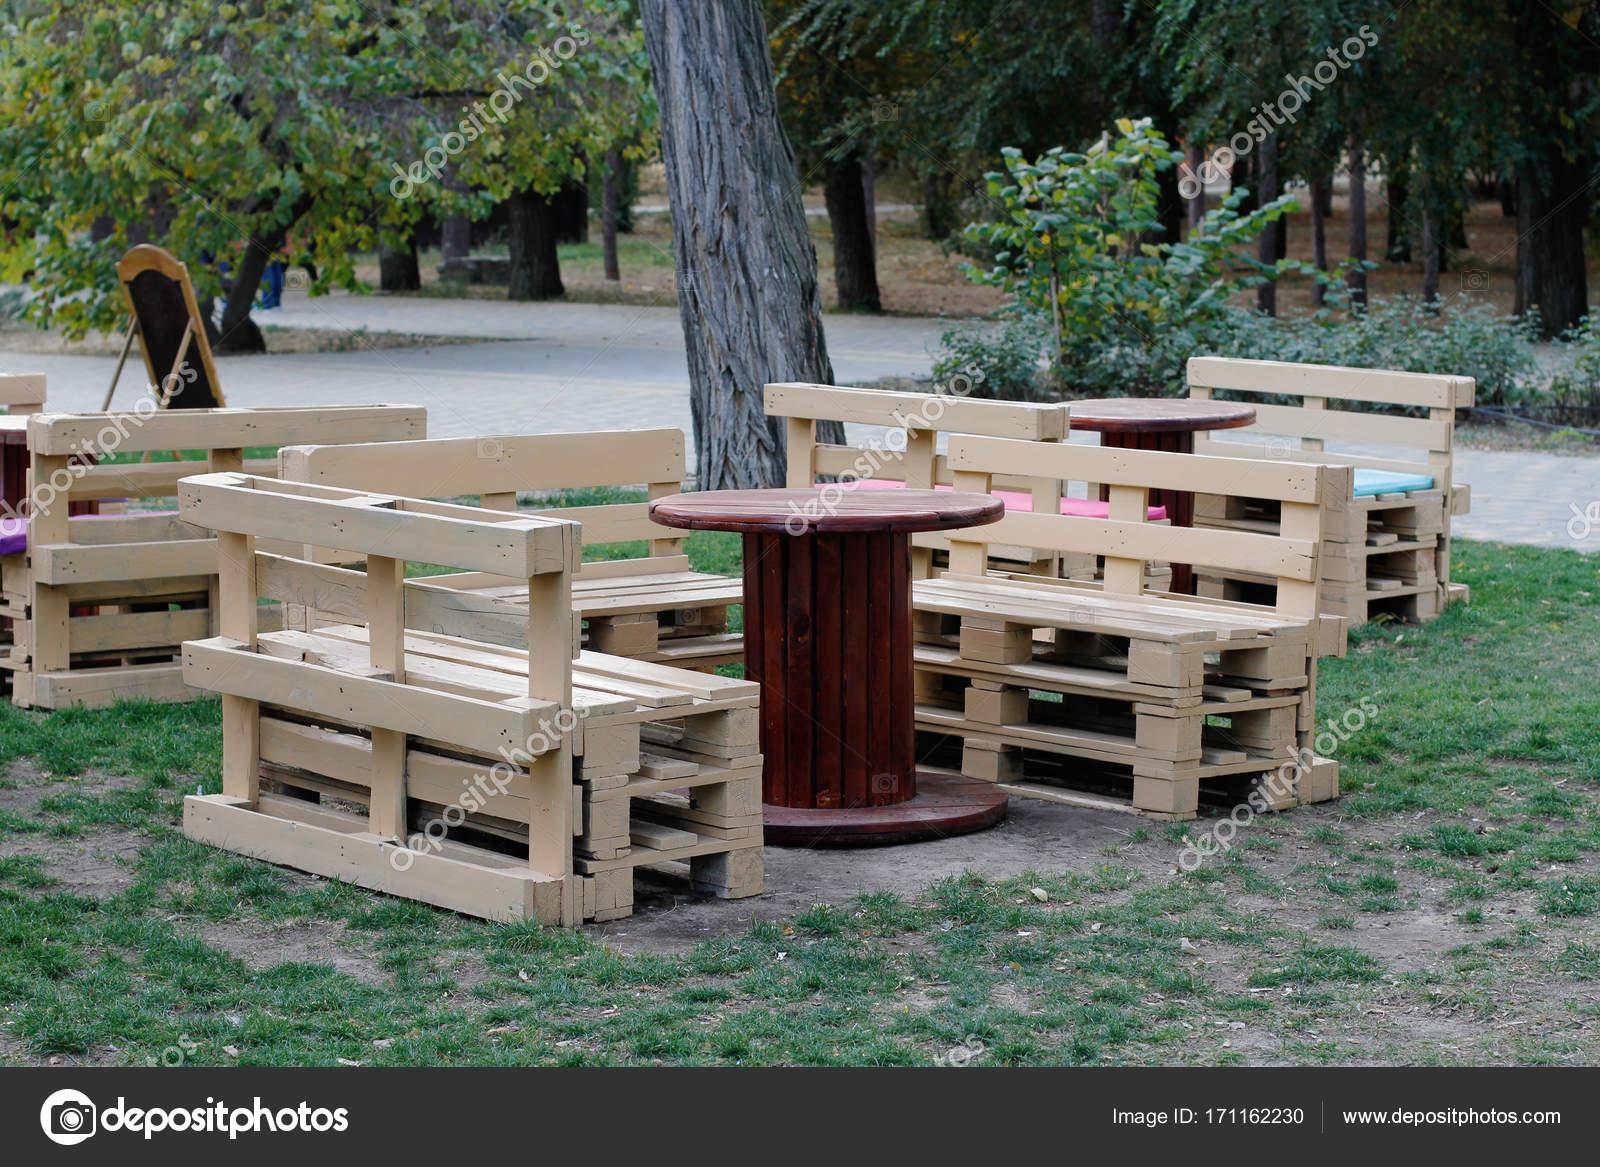 Banc En Bois Fait De Palettes Pour Assis Avec Tables Faites à Partir De  Bobines De Câble électrique à Lu0027extérieur U2014 Image De Yulyao